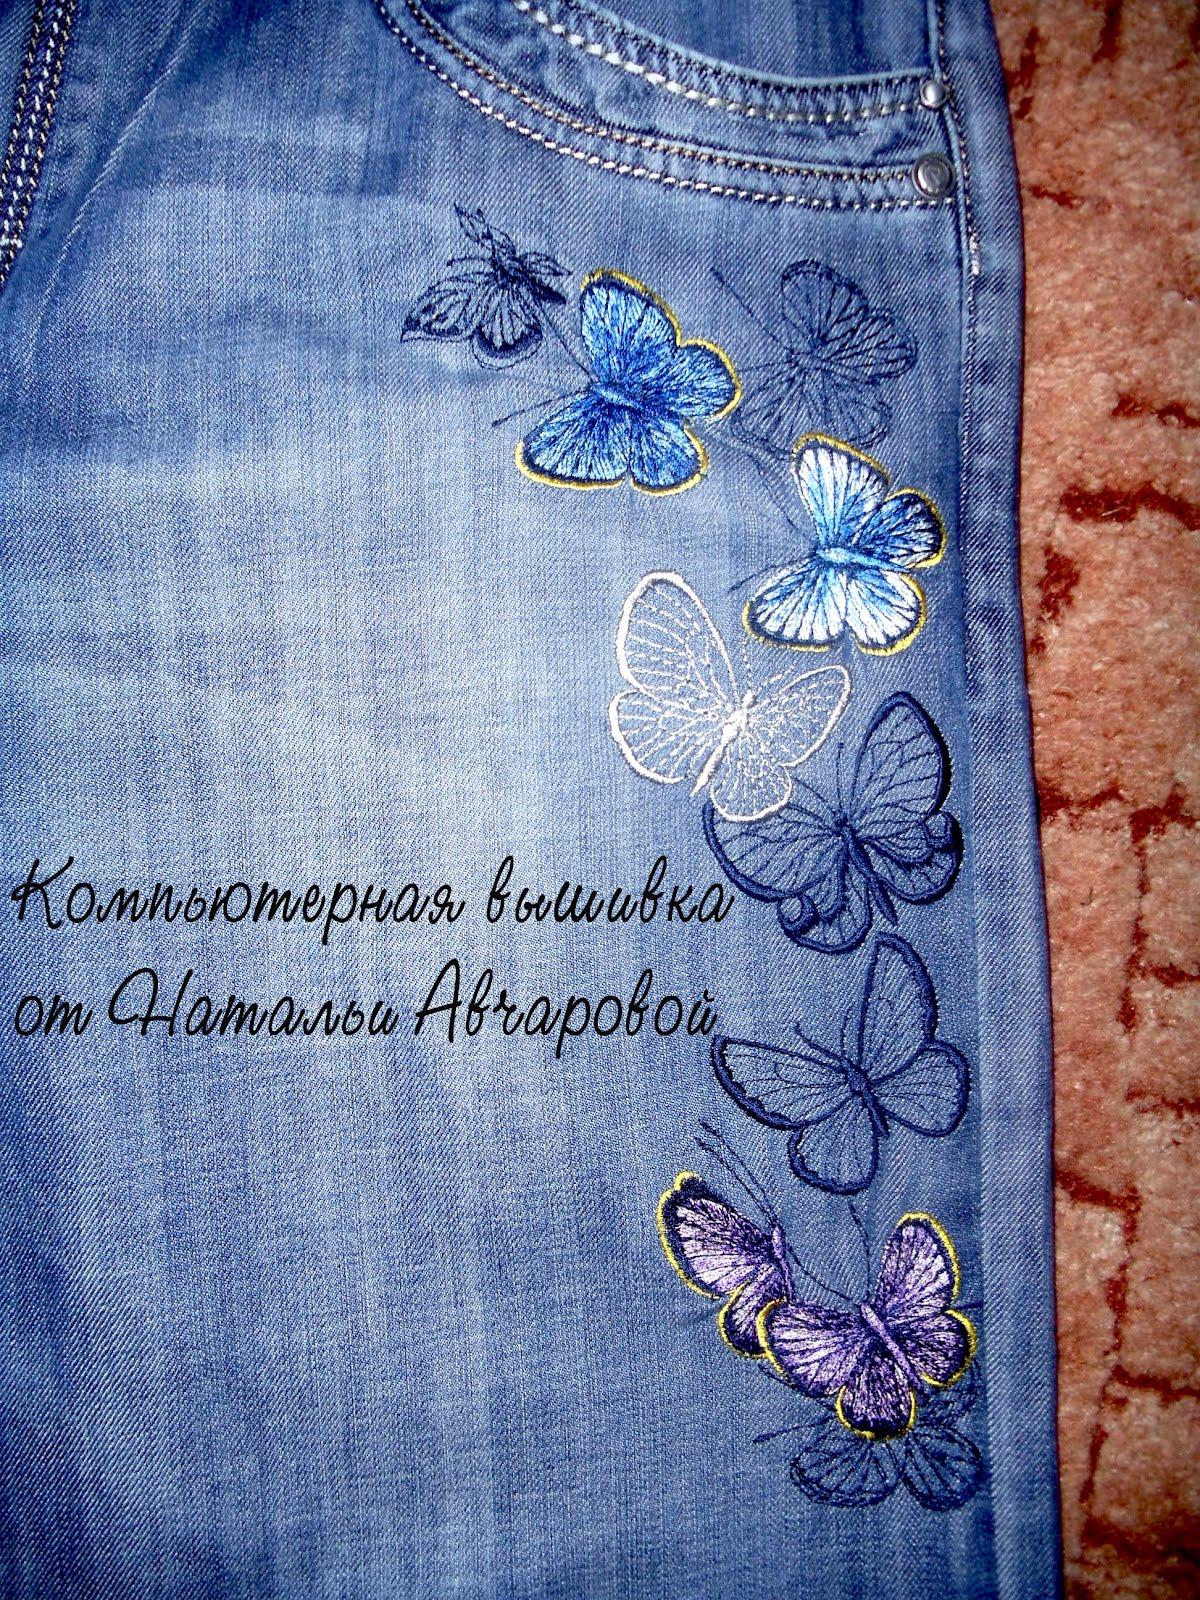 Вышивка на джинсы как сделать